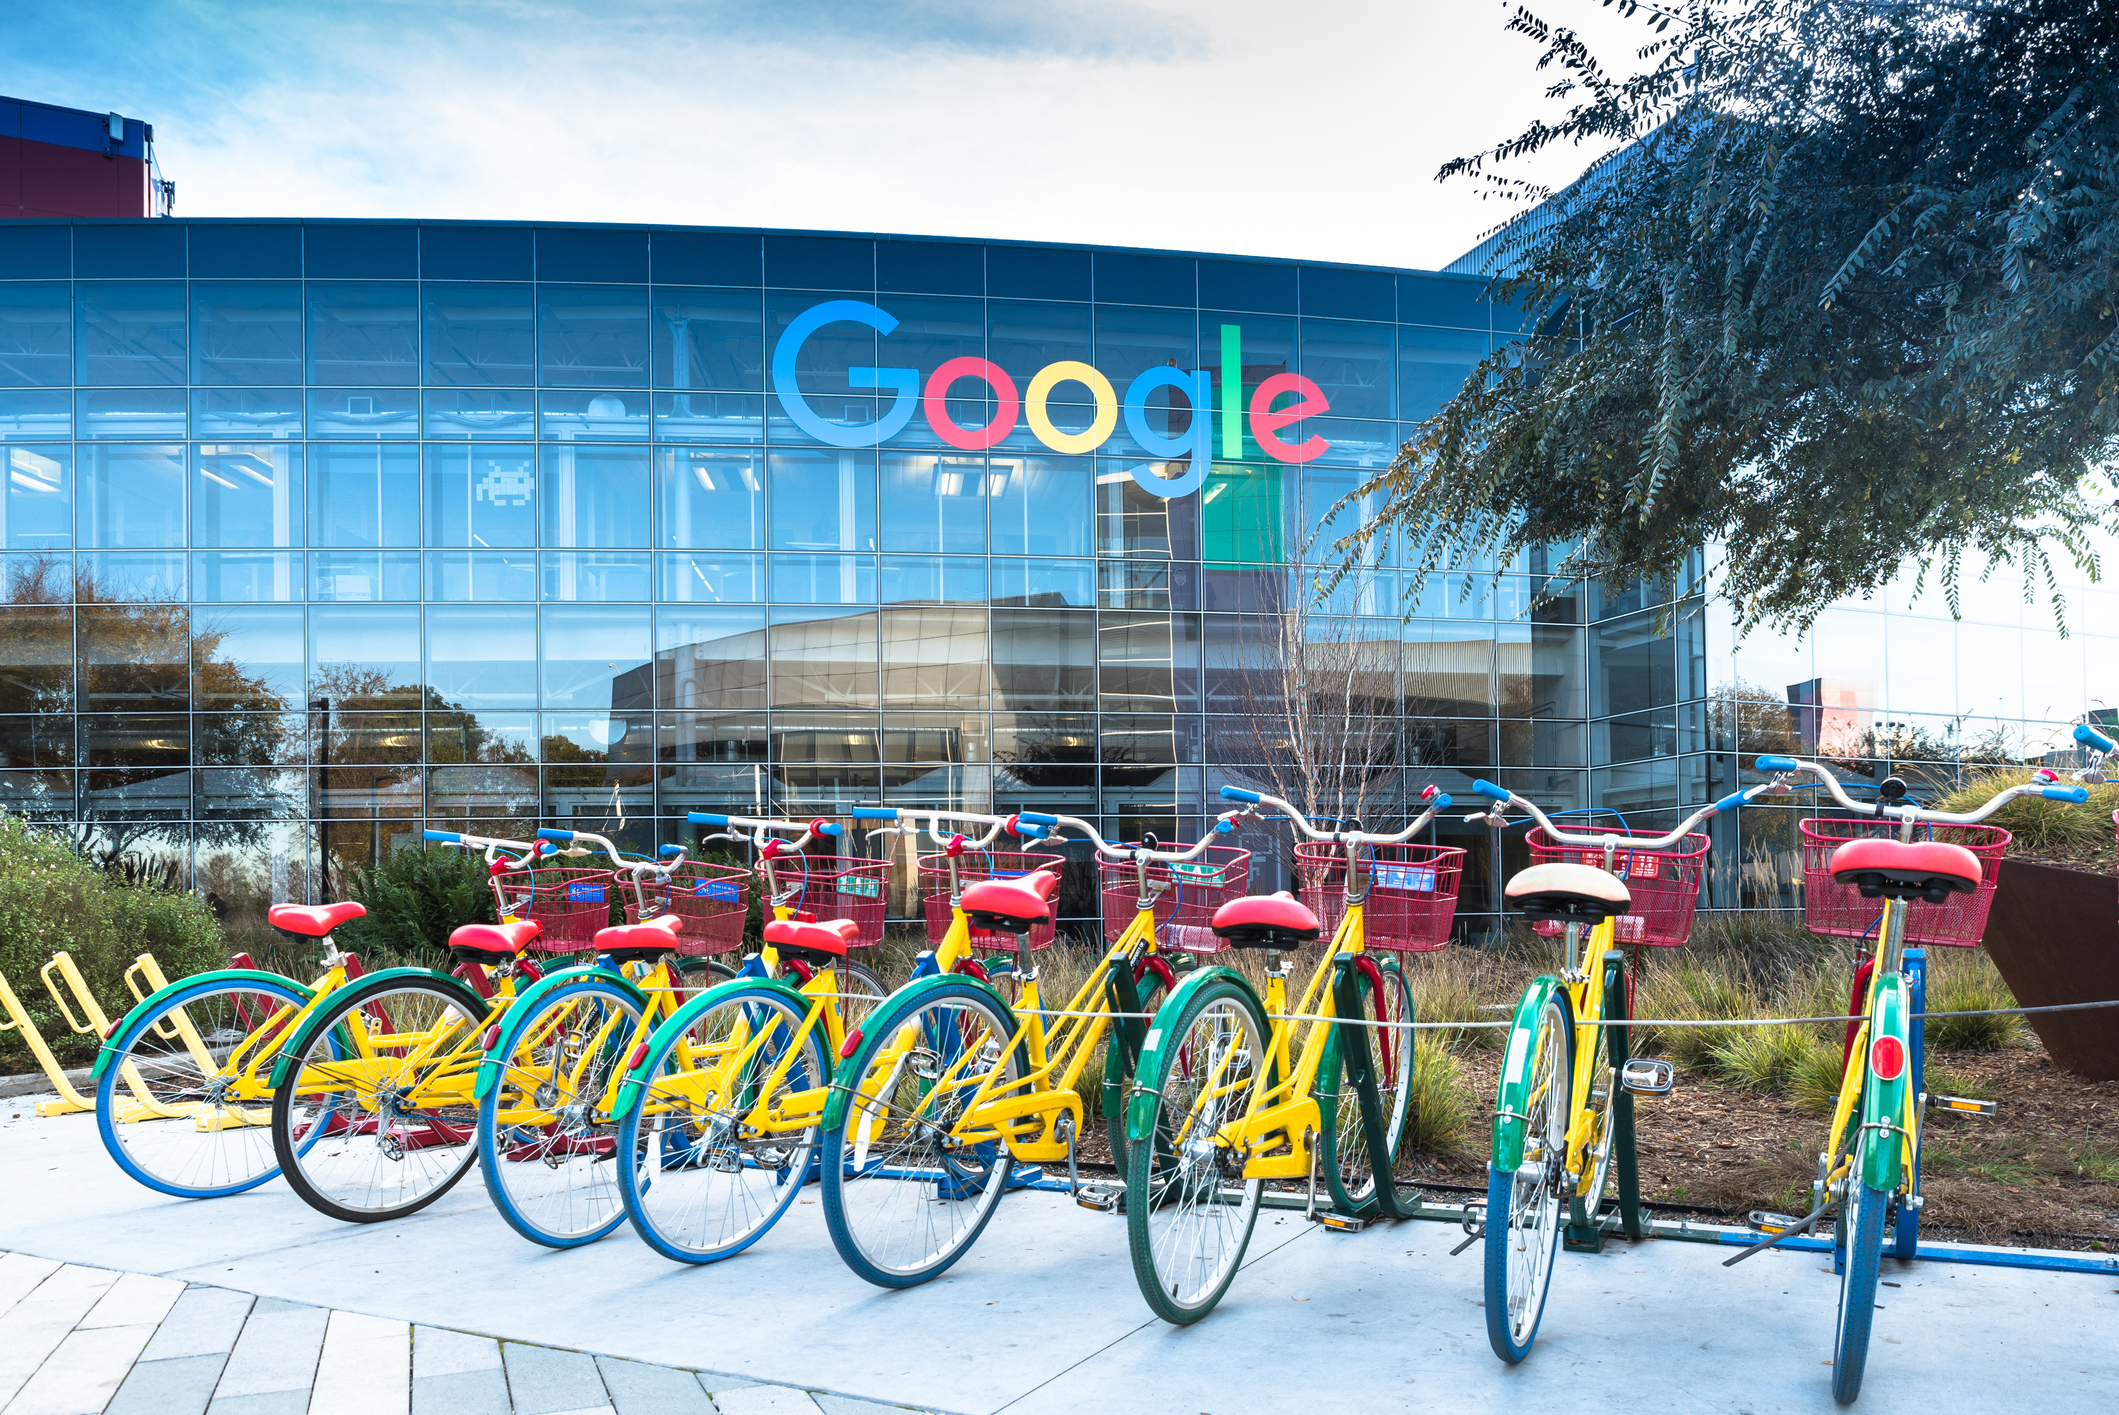 google-headquarters-in-india